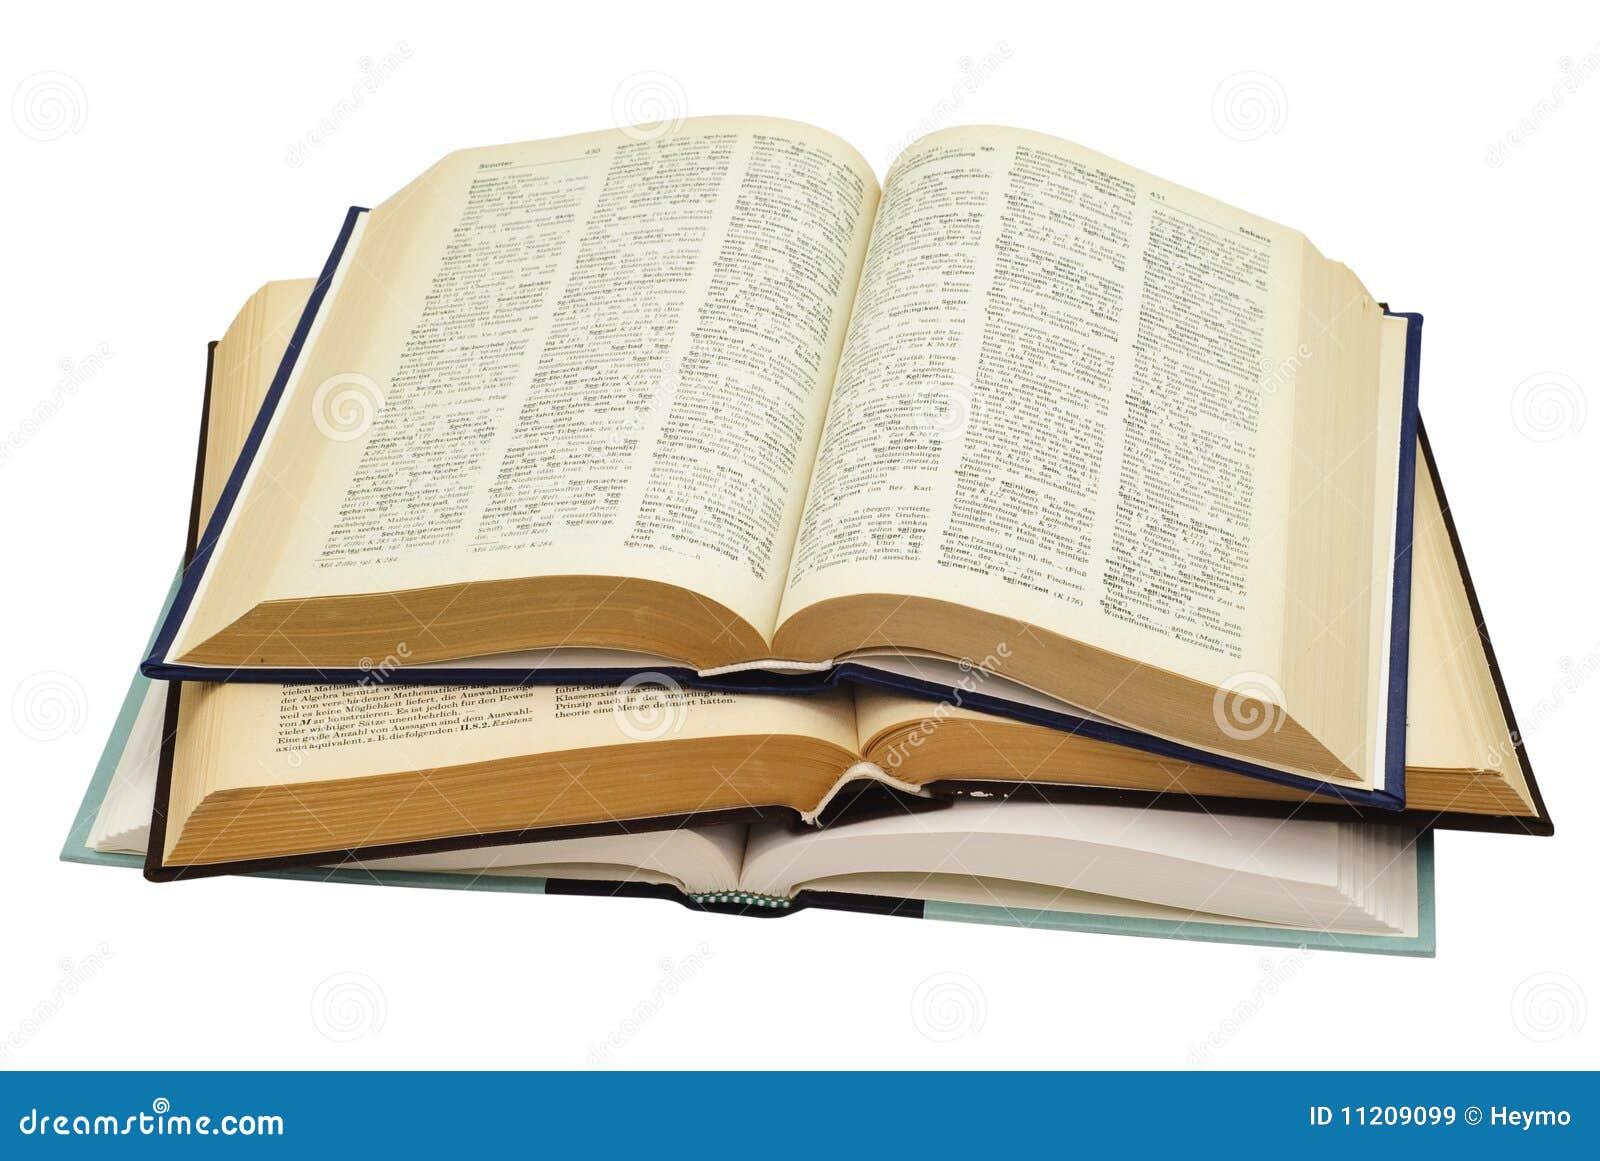 Tres Libros Abiertos Fotografía de archivo libre de regalías ...